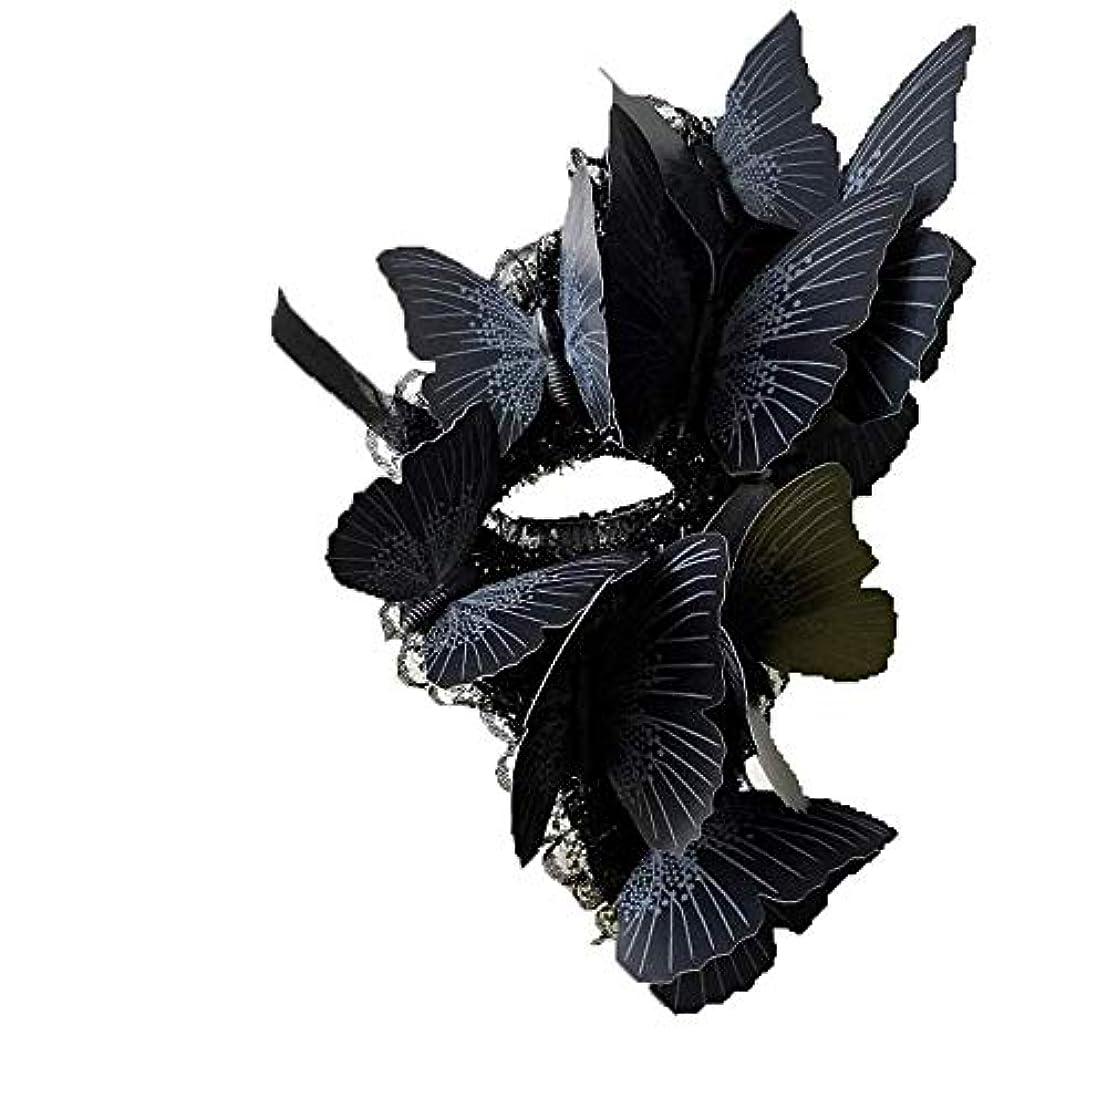 ブルジョン取り消す遊具Nanle ハロウィーンの蝶単眼マスク仮装マスクレディミスプリンセス美しさの祭パーティ装飾 (色 : Style B, サイズ さいず : Right eye)